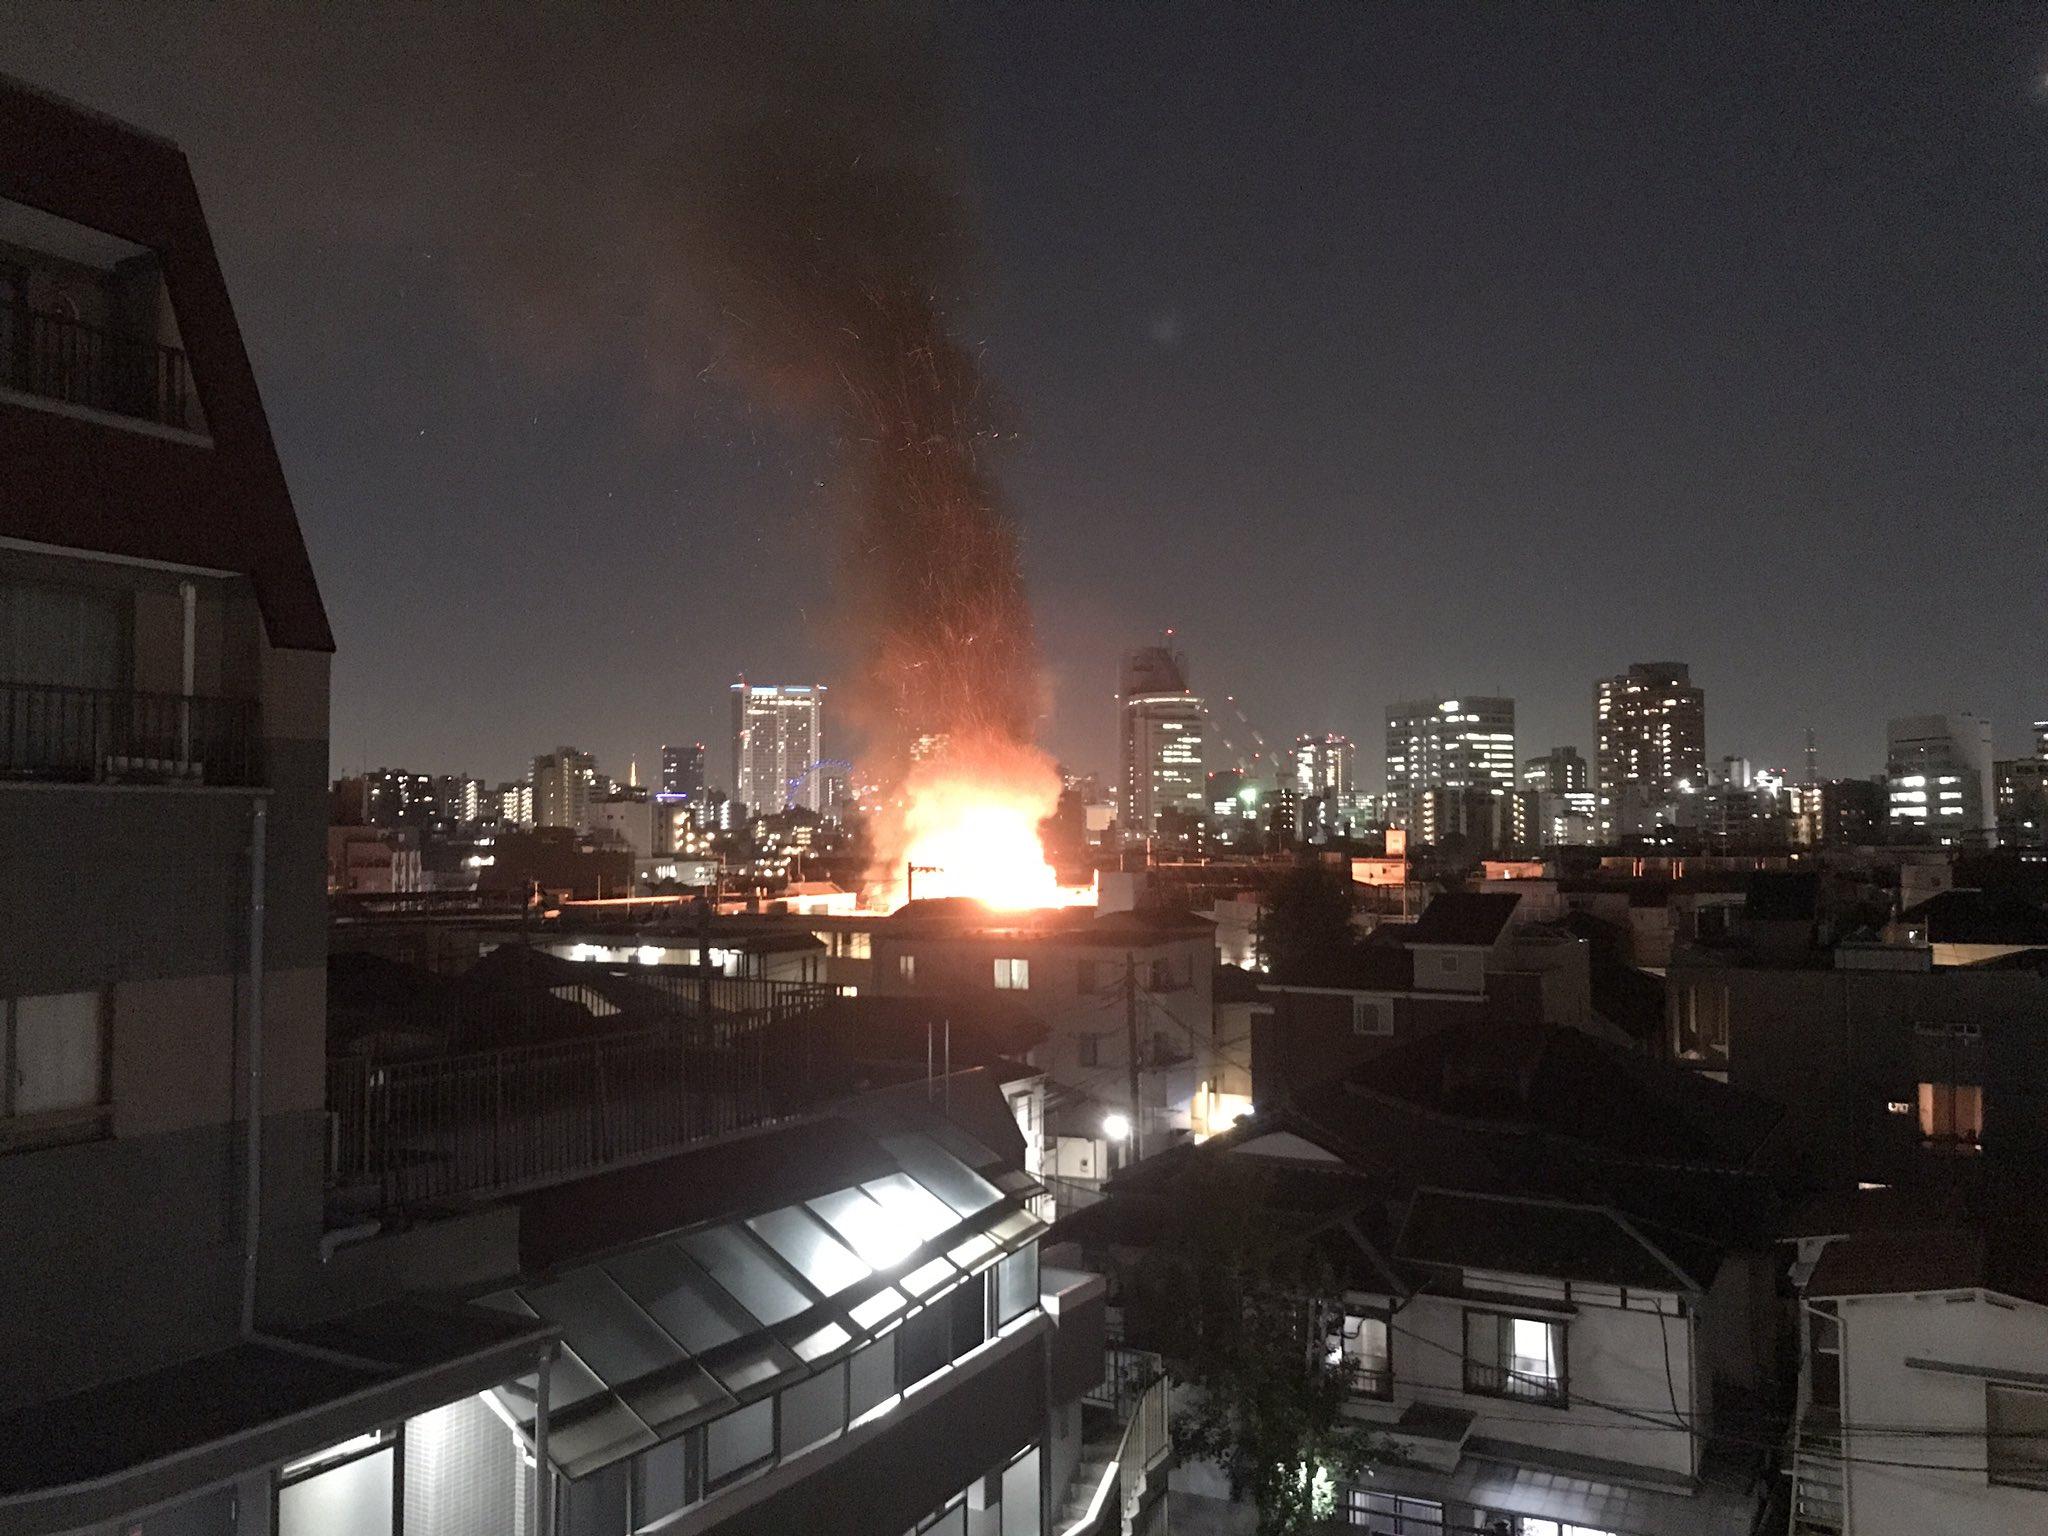 画像,会社の近所で火事。激しい https://t.co/38JwFDGDkd。